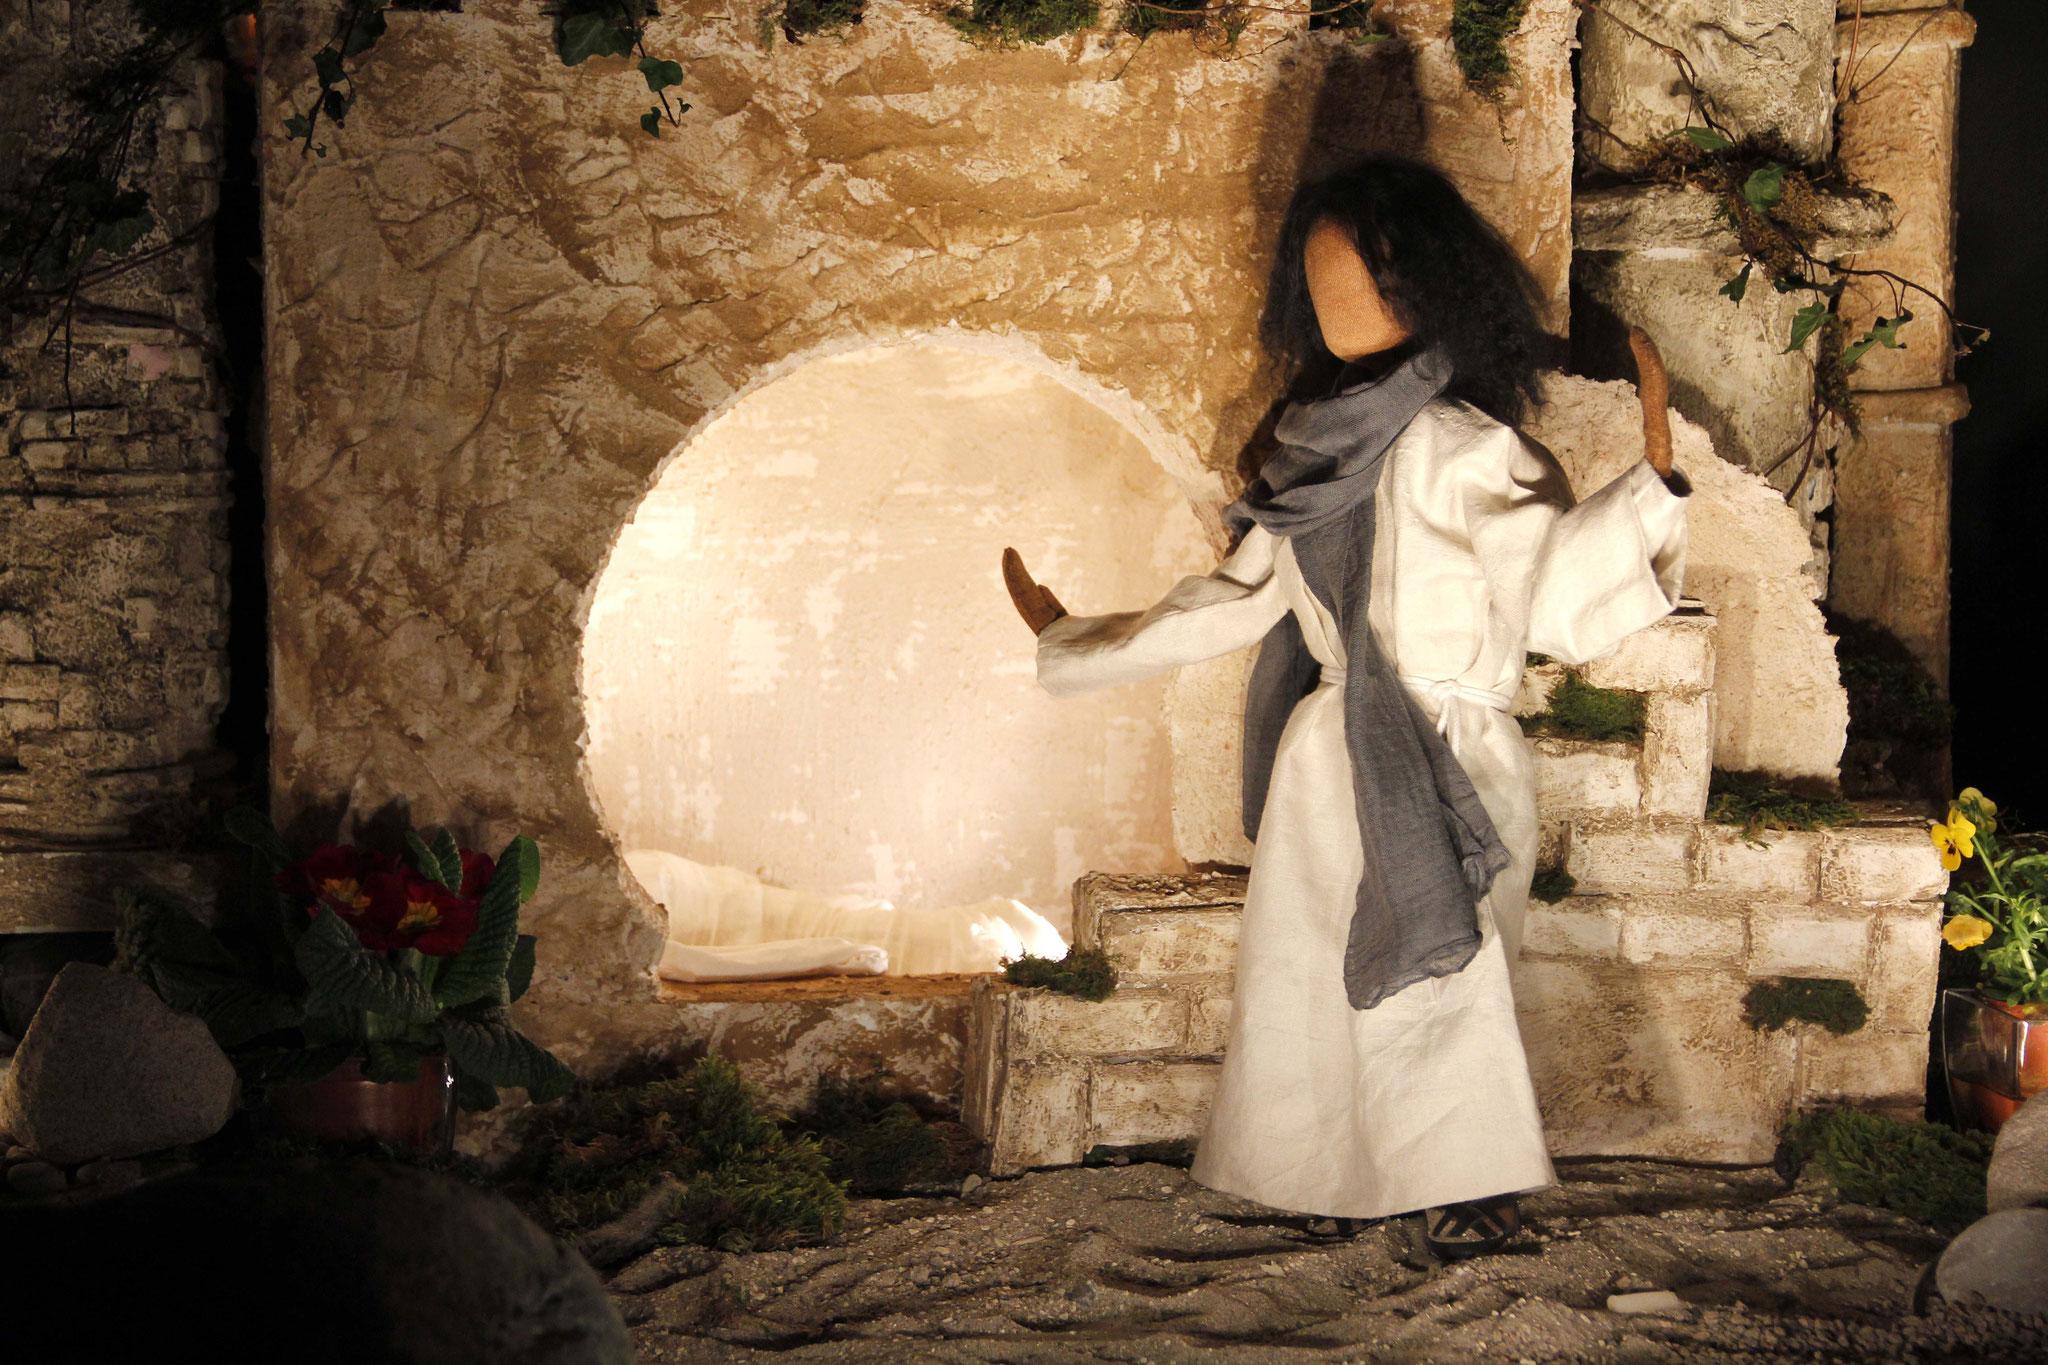 Jesus erhob seine Augen und sprach: Vater, ich danke dir, dass du mich erhört hast. Nachdem er dies gesagt hatte, rief er mit lauter Stimme: Lazarus, komm heraus!